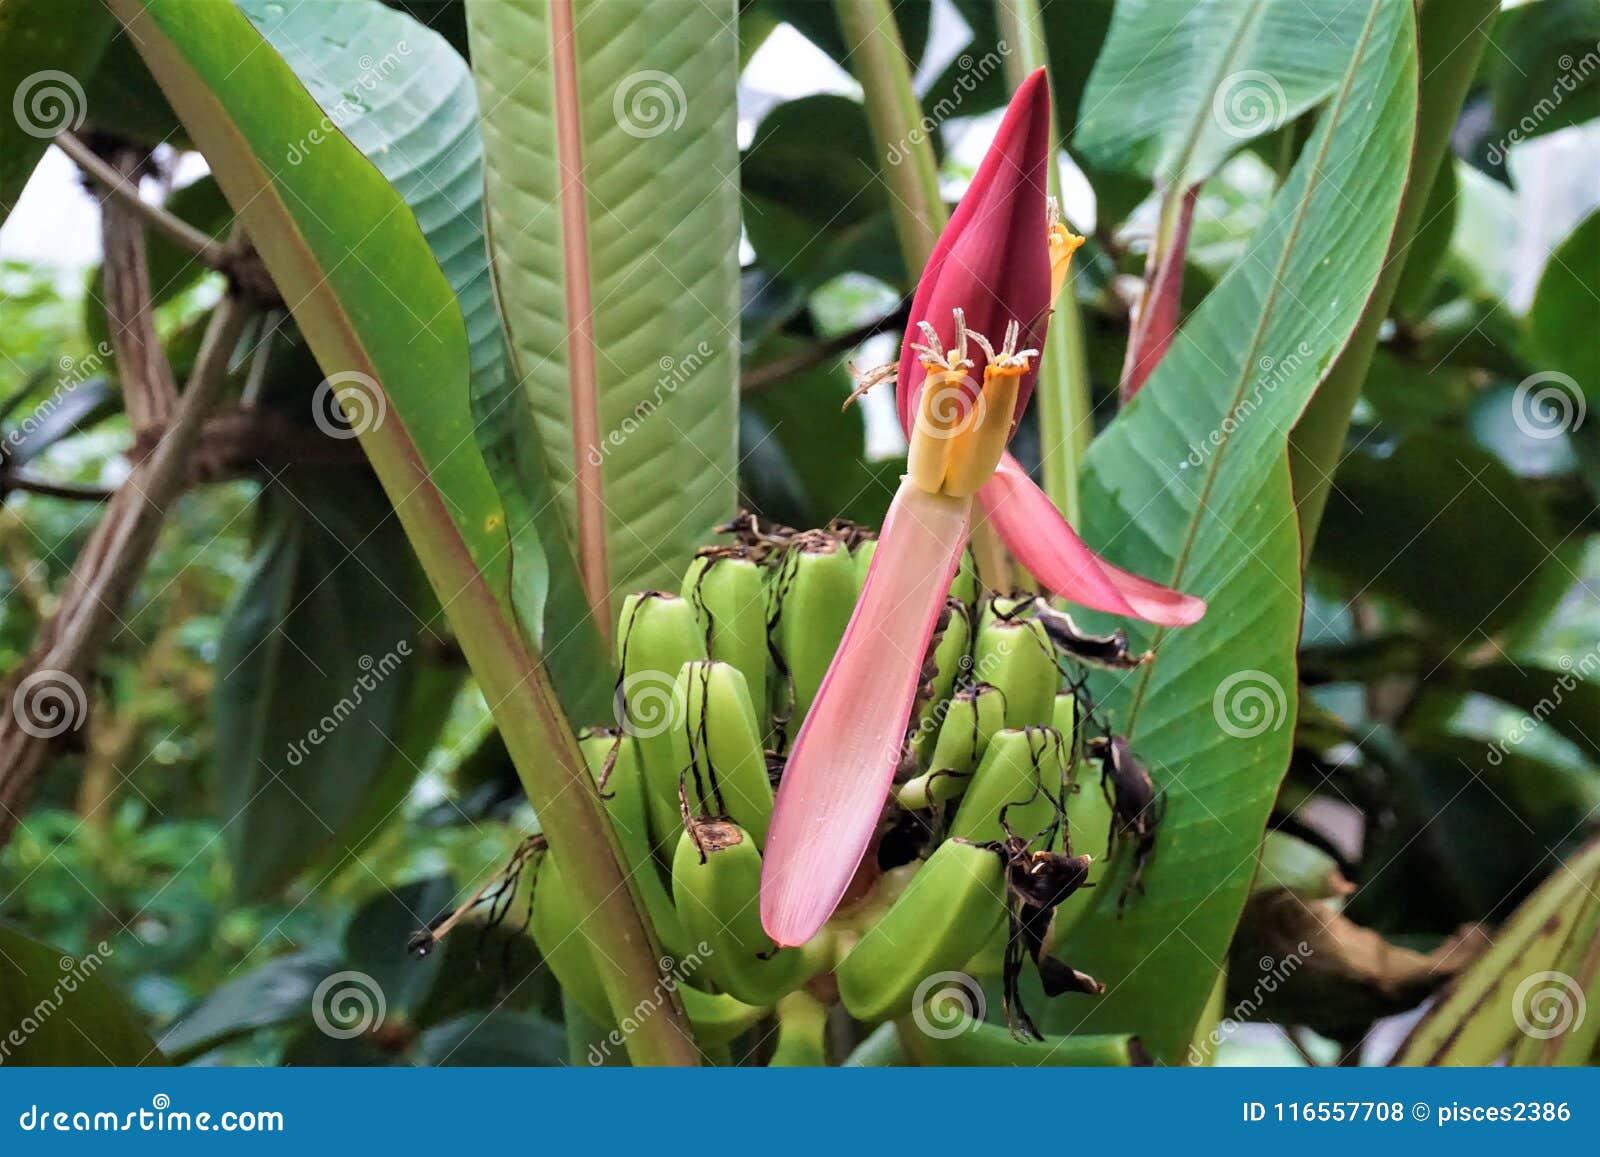 fleur et fruits d'un bananier photo stock - image du cultivé, rouge